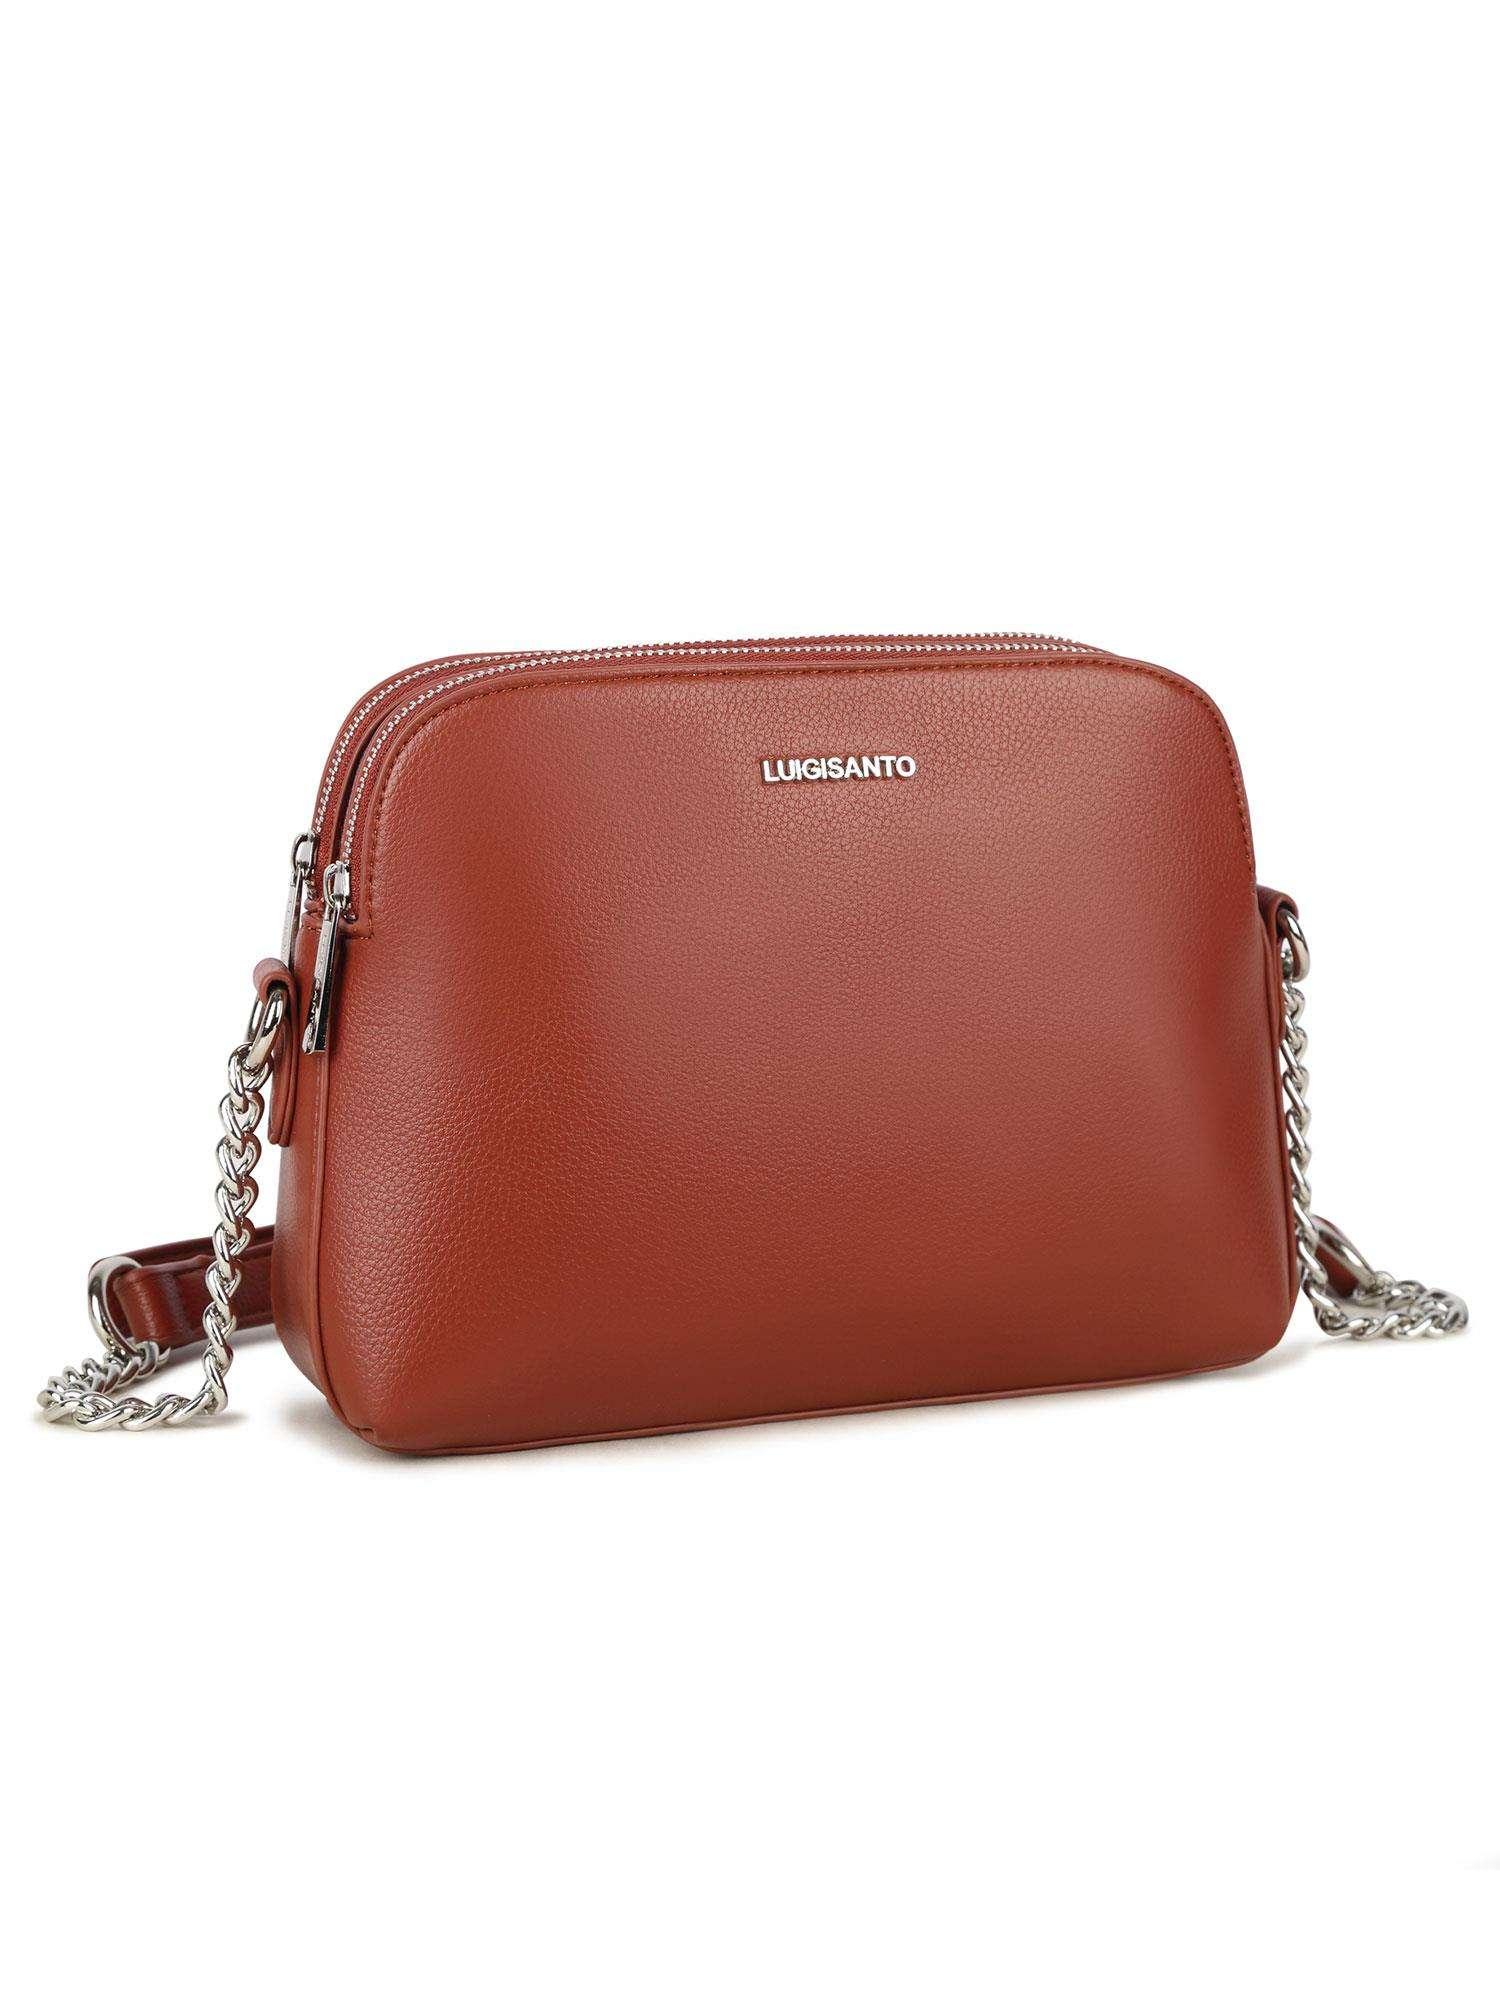 Dámska hnedá crossbody kabelka na zips - UNI